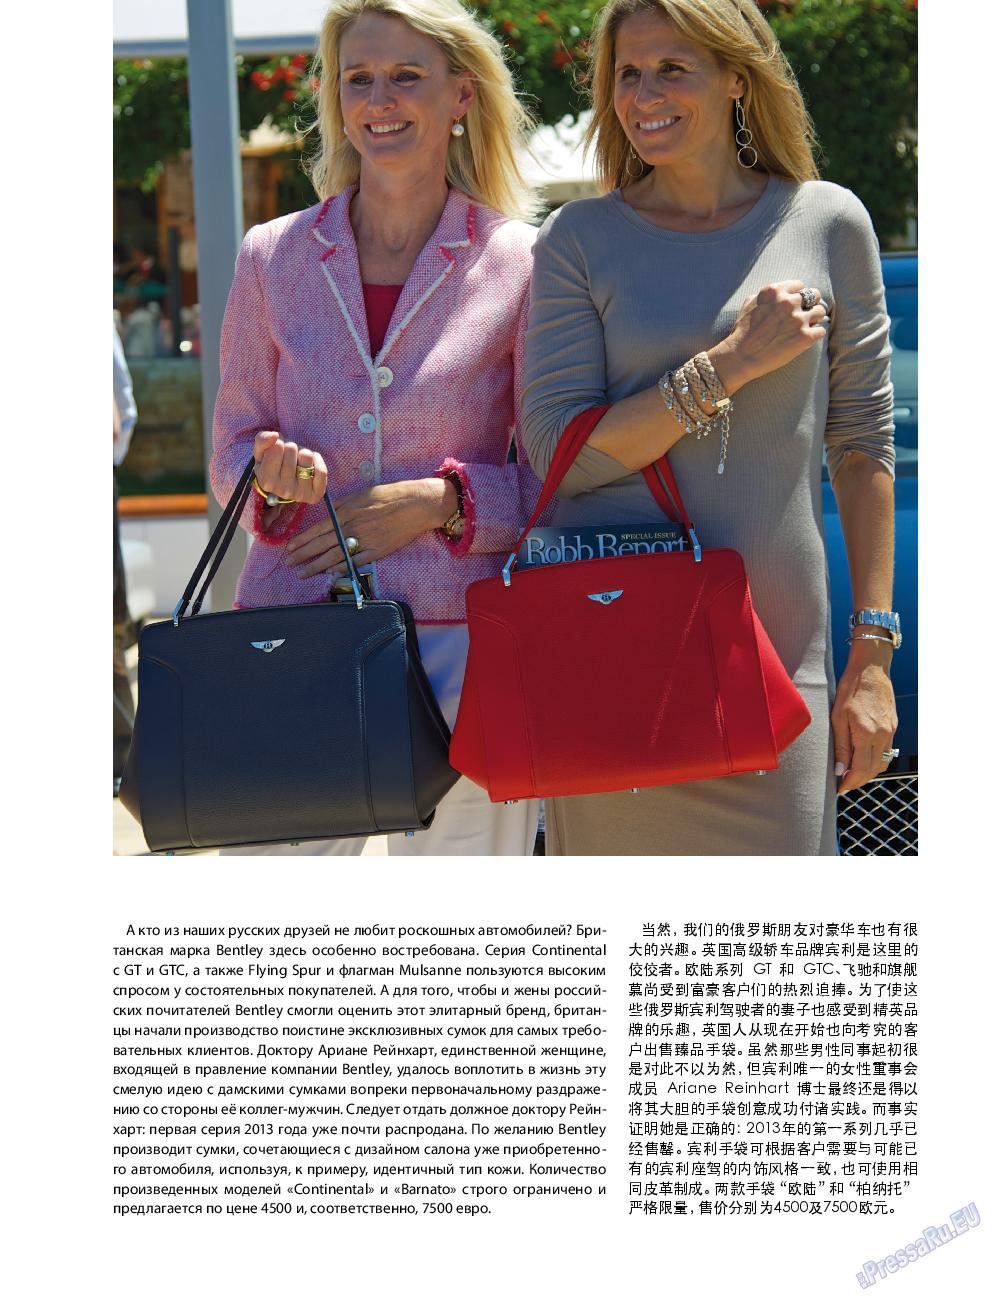 Клан (журнал). 2013 год, номер 5, стр. 73